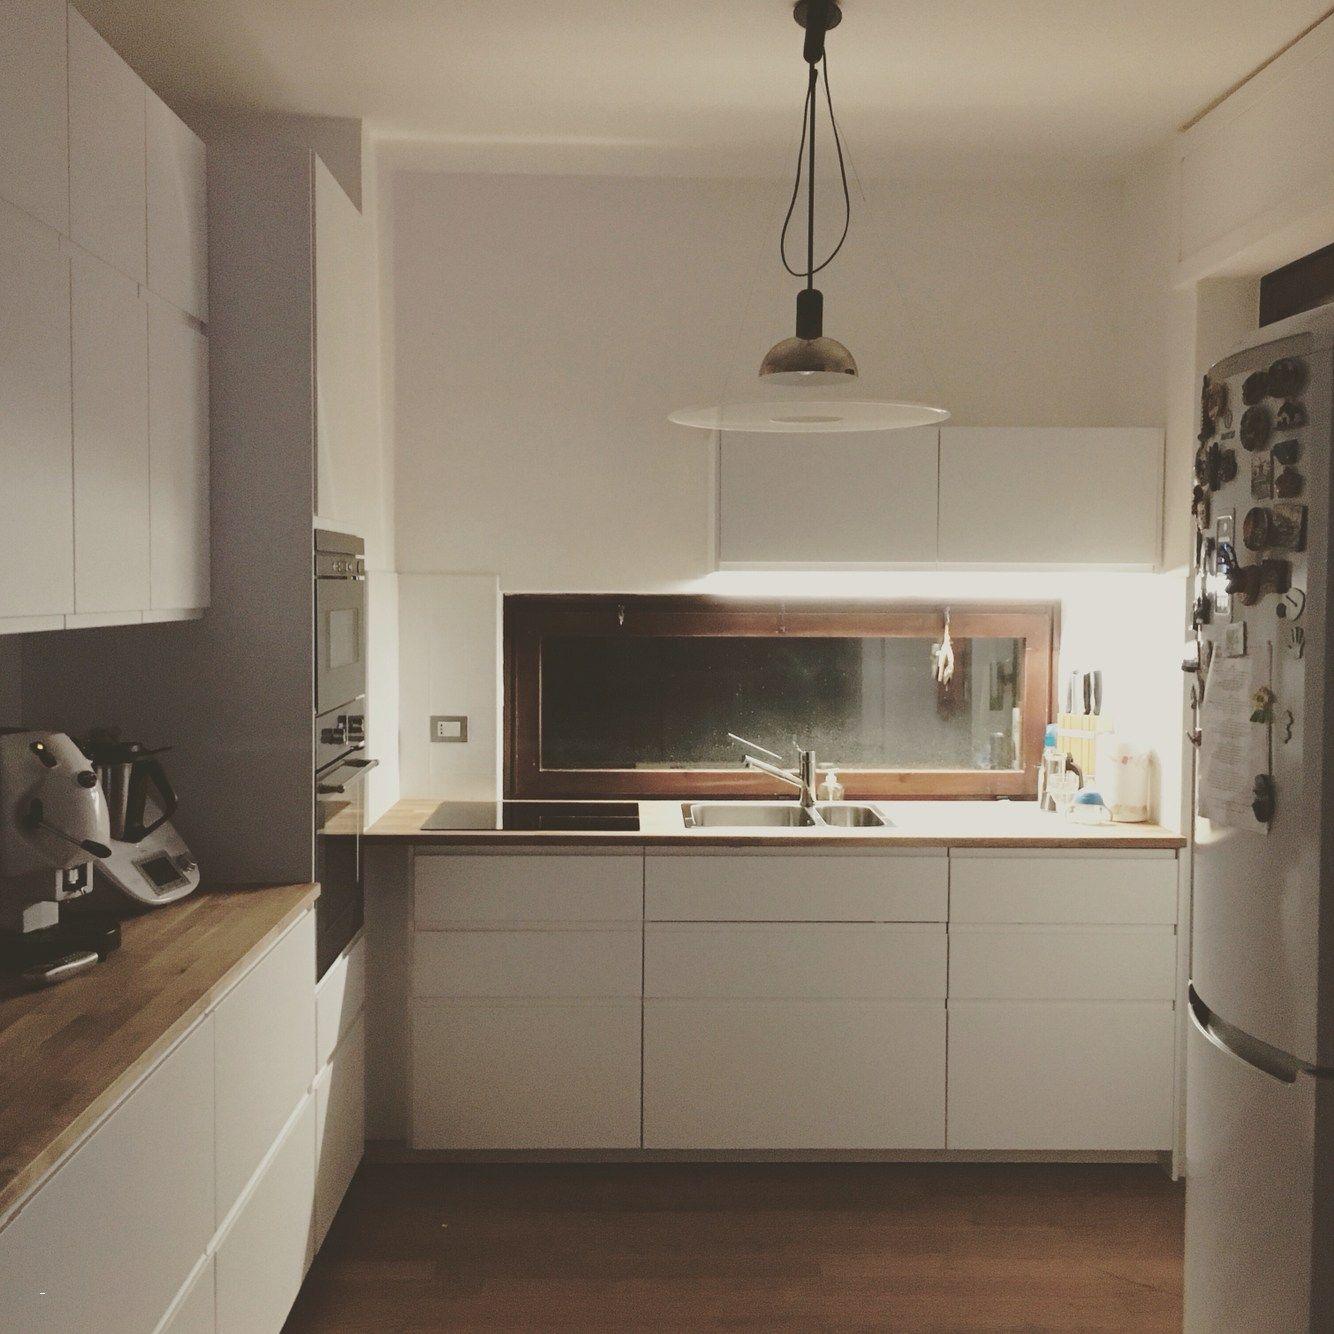 Meilleur De Cuisine Voxtorp Ikea Trouvez Sacre Decoration D